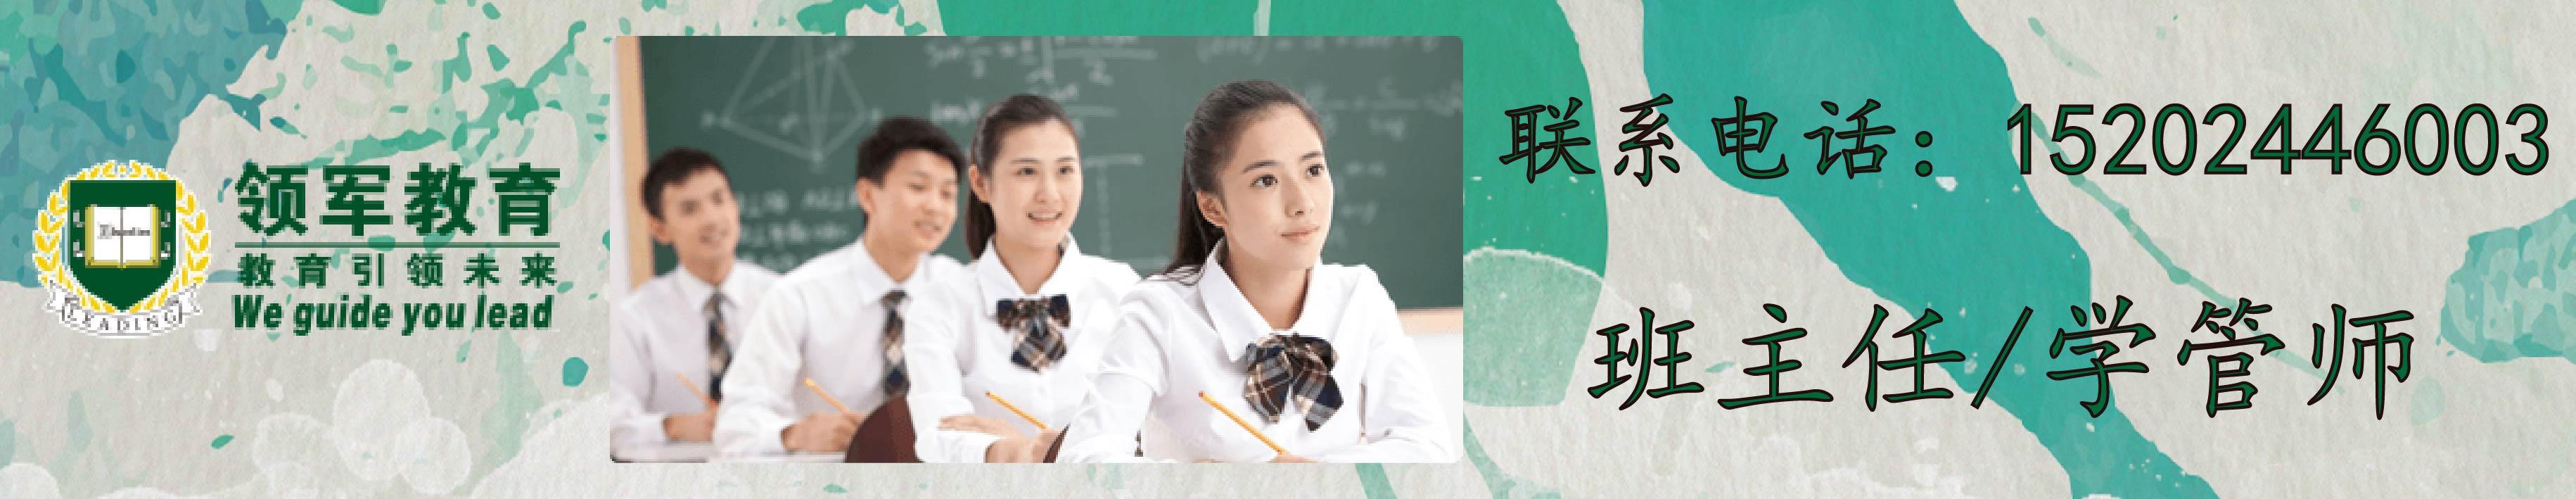 领军教育集团